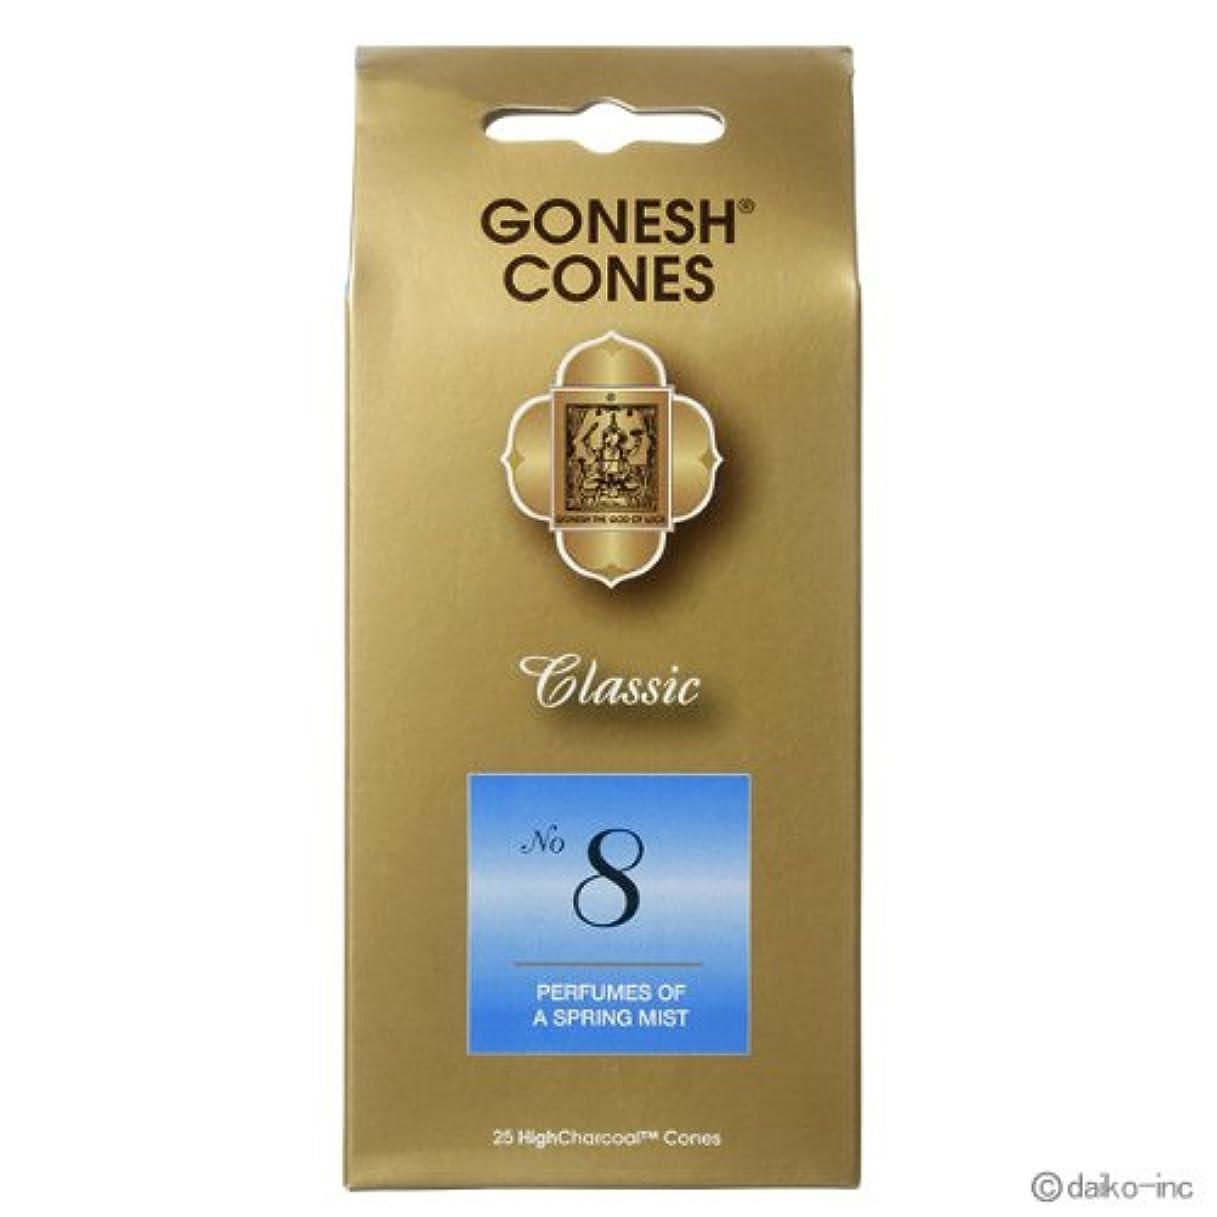 関係ないみなす交流するガーネッシュ GONESH クラシック No.8 お香コーン25ヶ入 6個セット